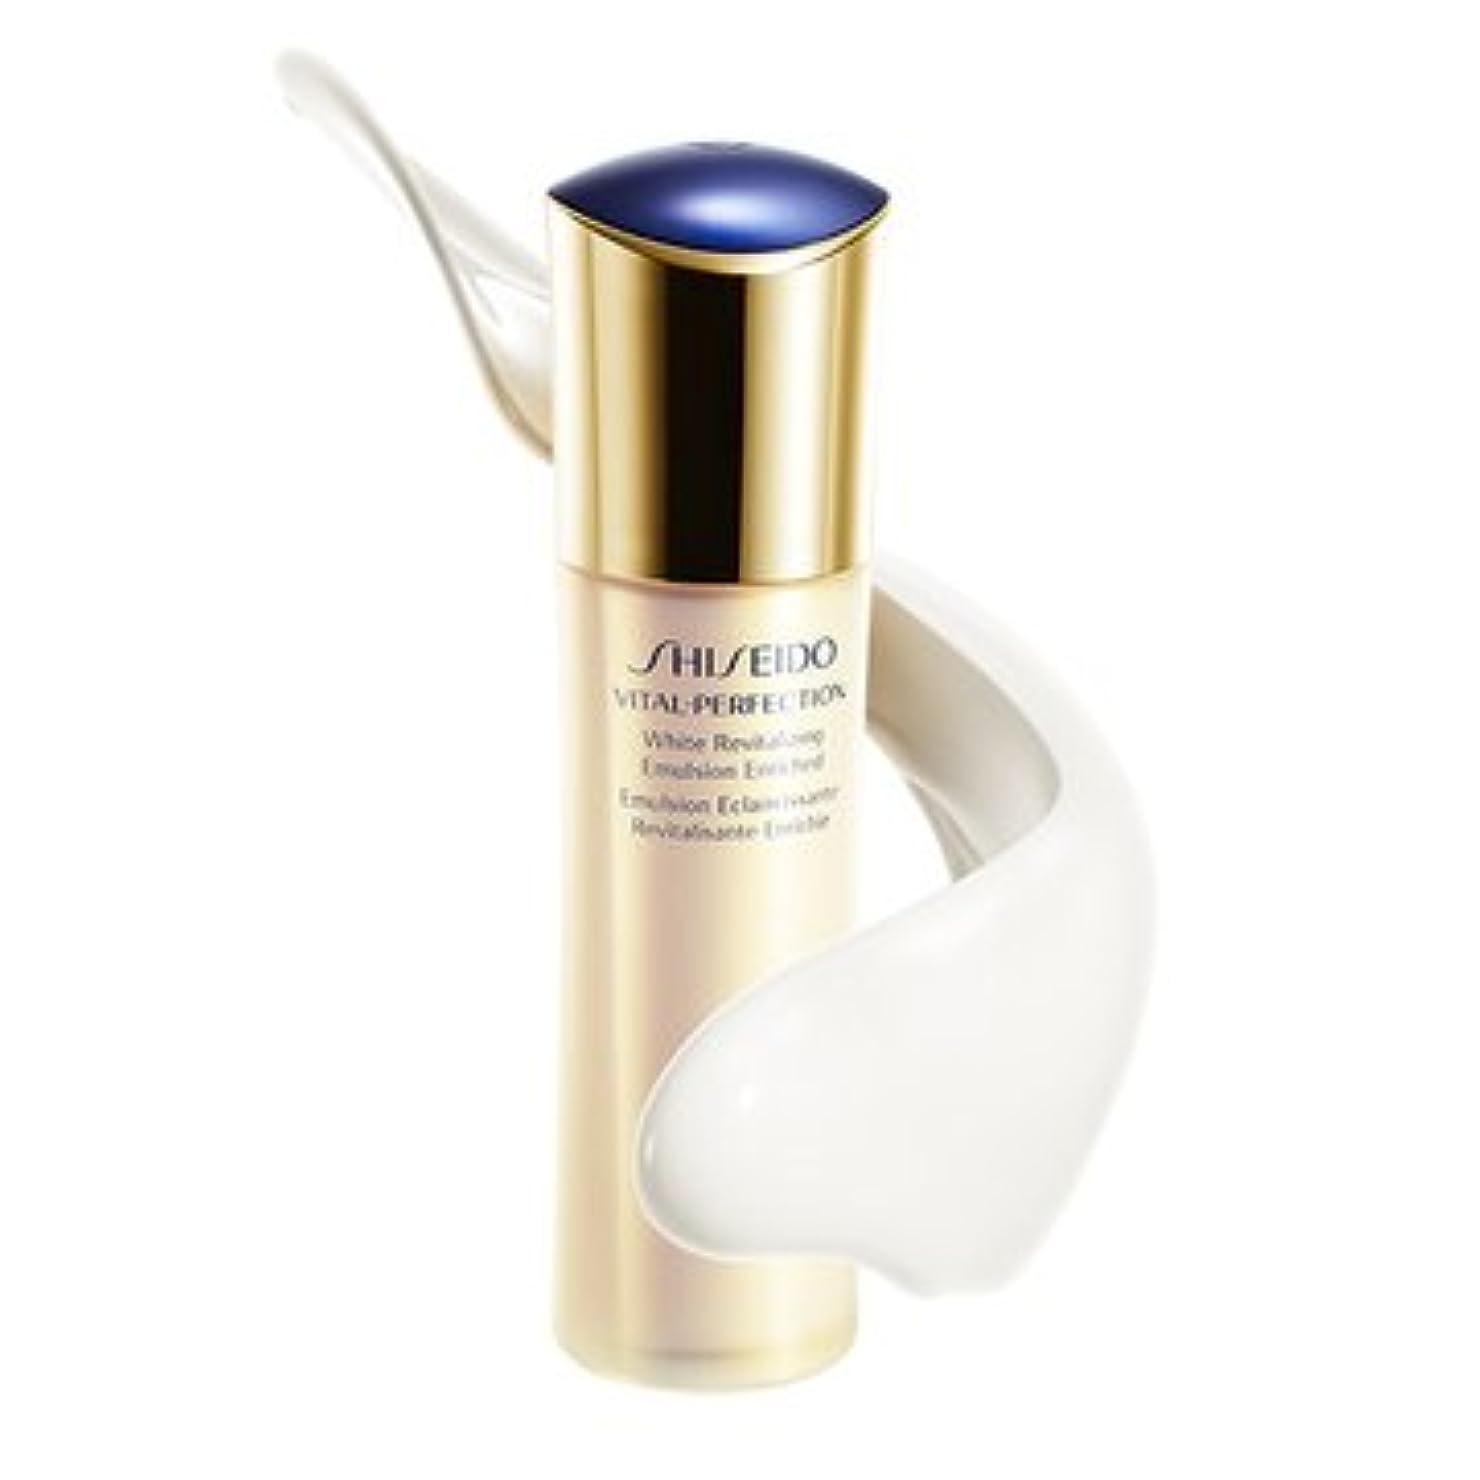 ネクタイなくなる希望に満ちた資生堂/shiseido バイタルパーフェクション/VITAL-PERFECTION ホワイトRV エマルジョン(医薬部外品)美白乳液